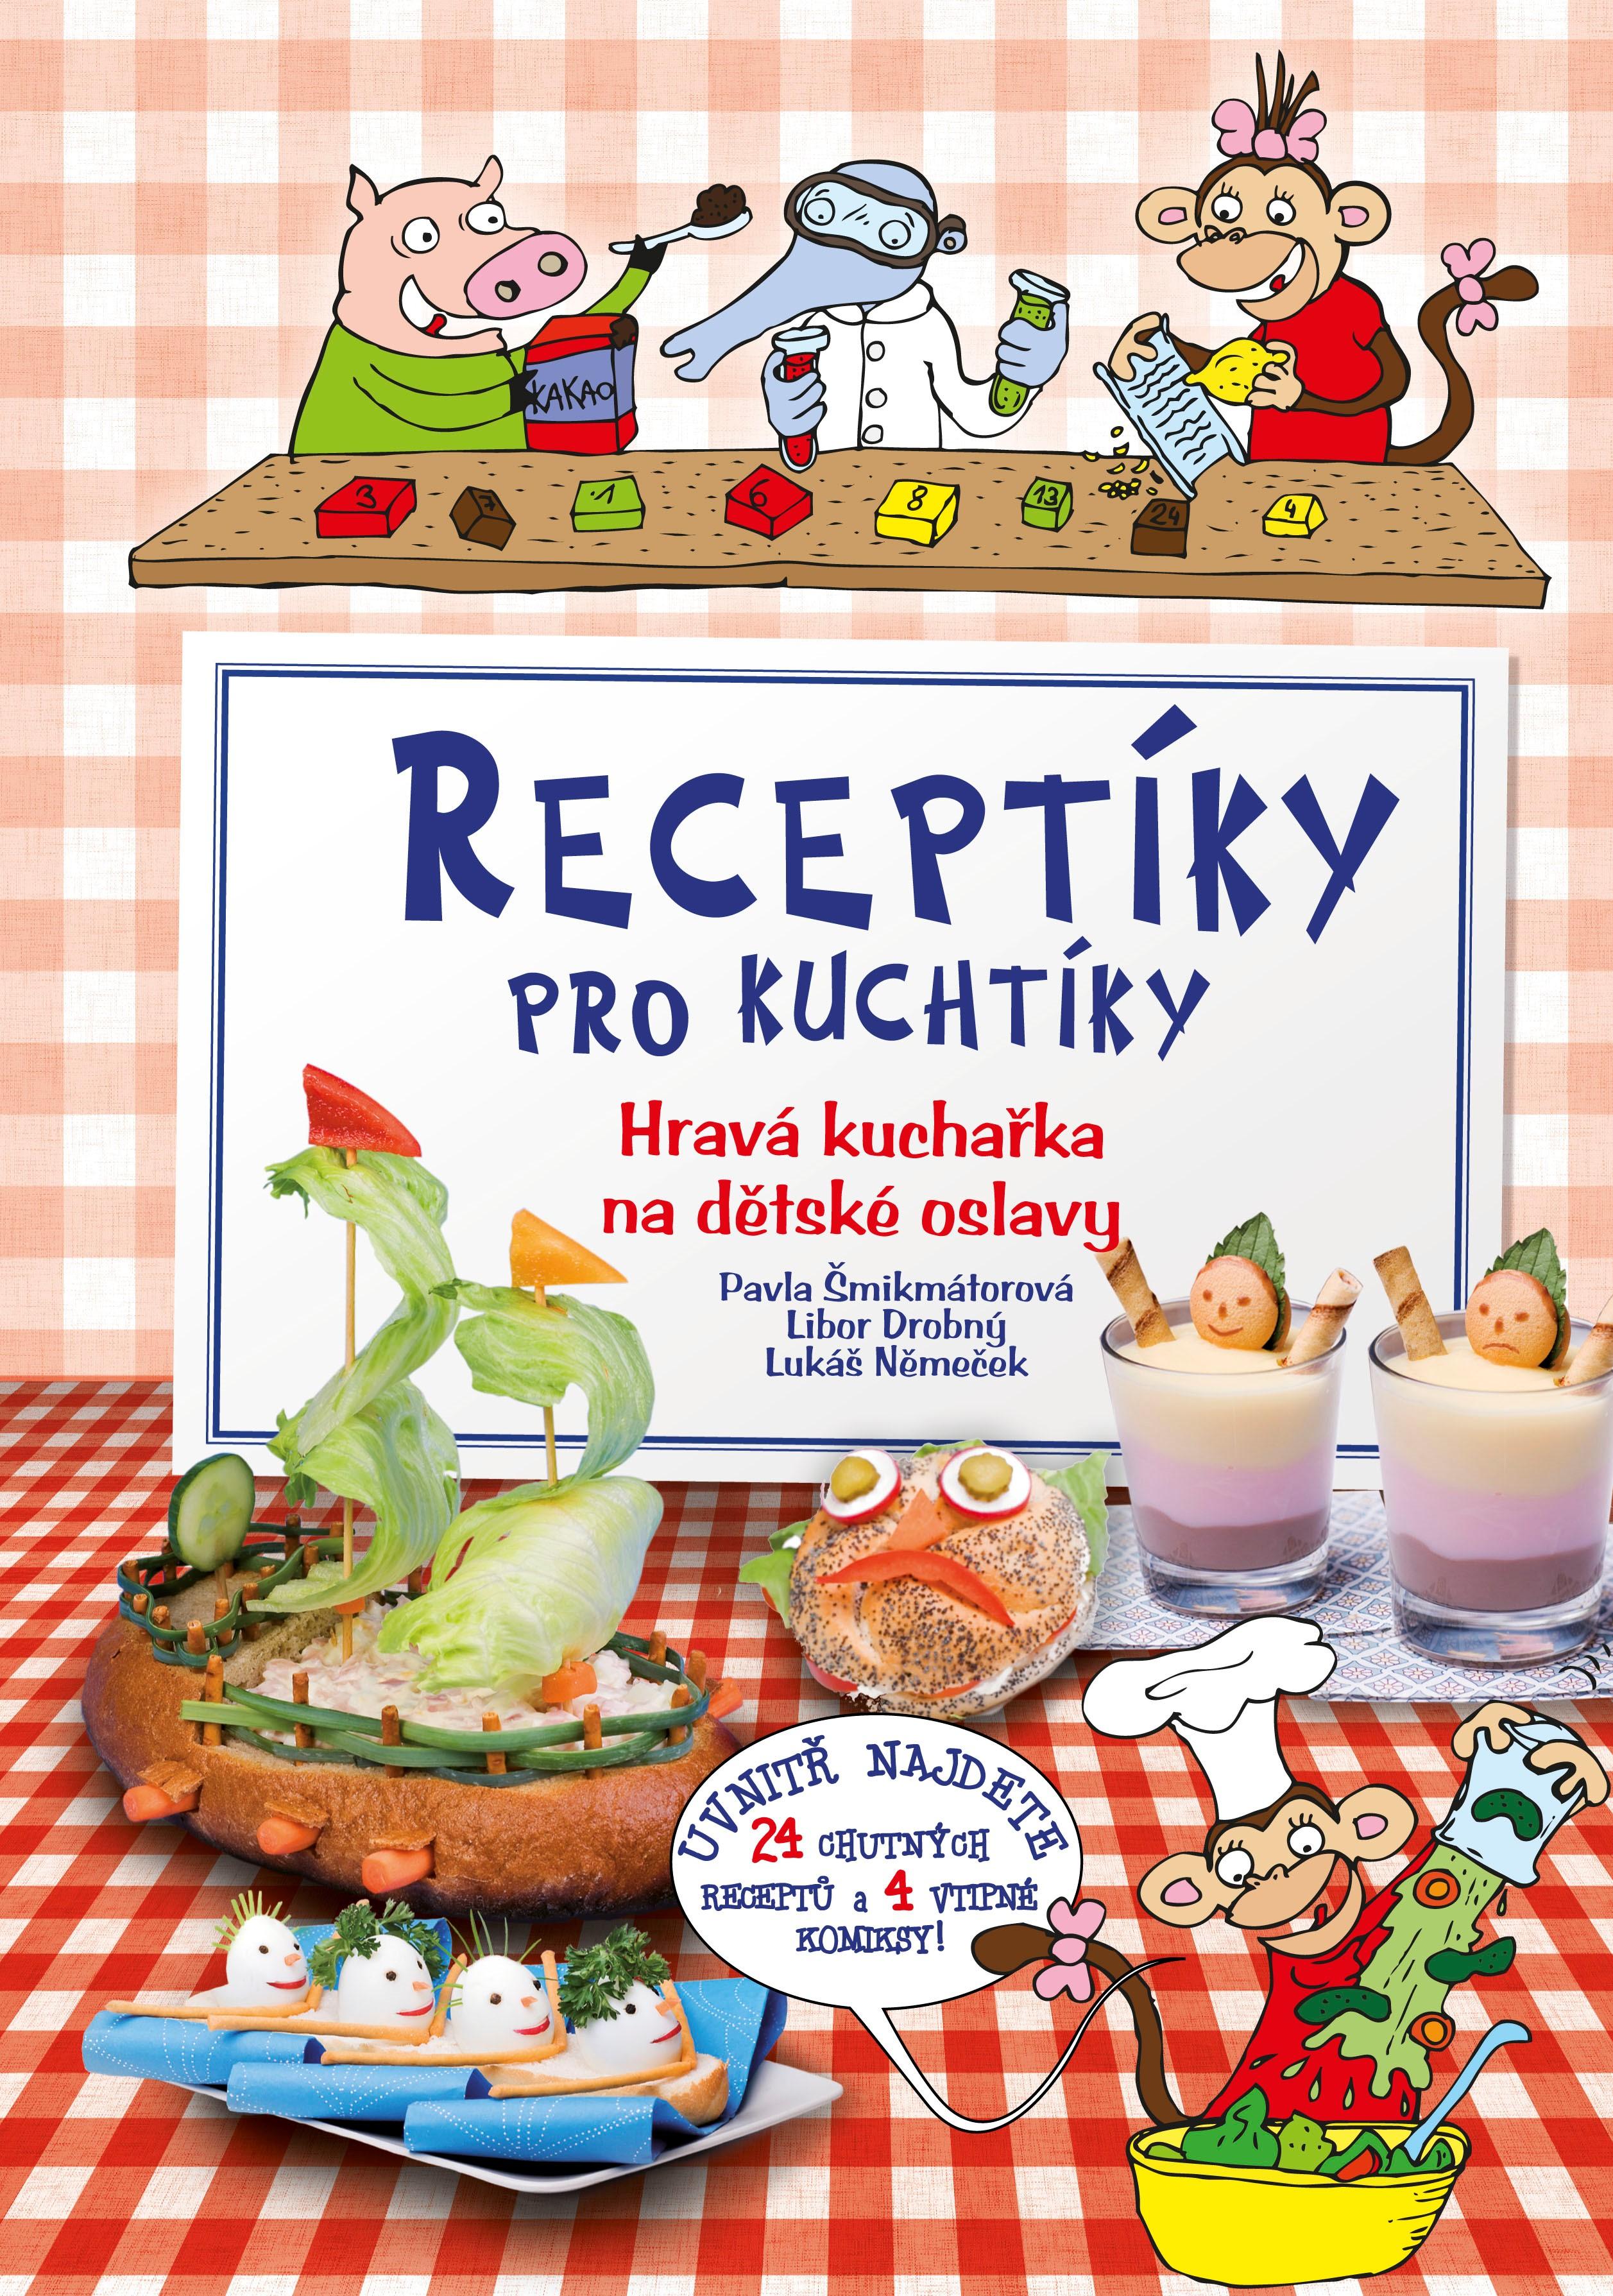 Receptíky pro kuchtíky | Libor Drobný, Lukáš Němeček, Pavla Šmikmátorová